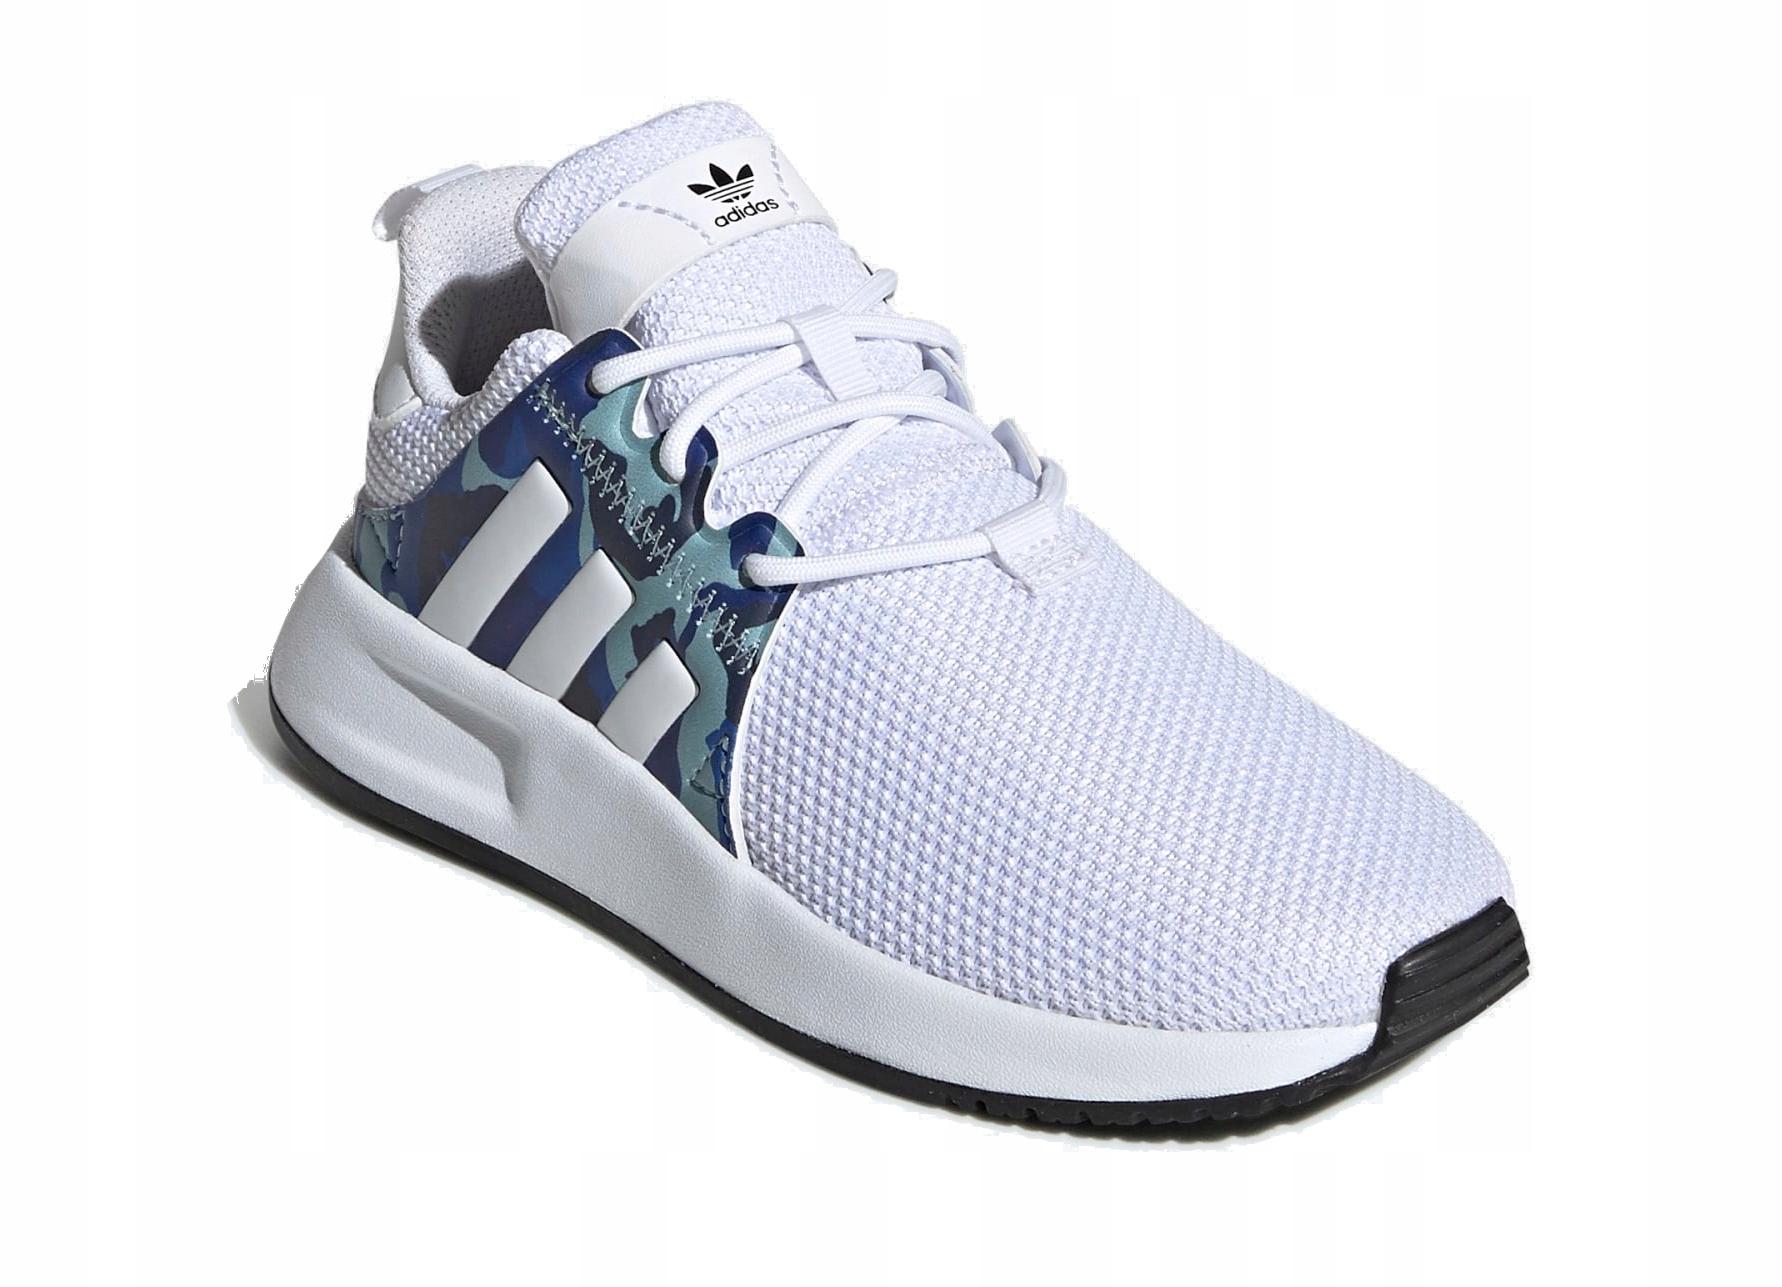 Adidas X Plr Buty Dzieciece Lekkie Originals 33 5 9555106259 Allegro Pl